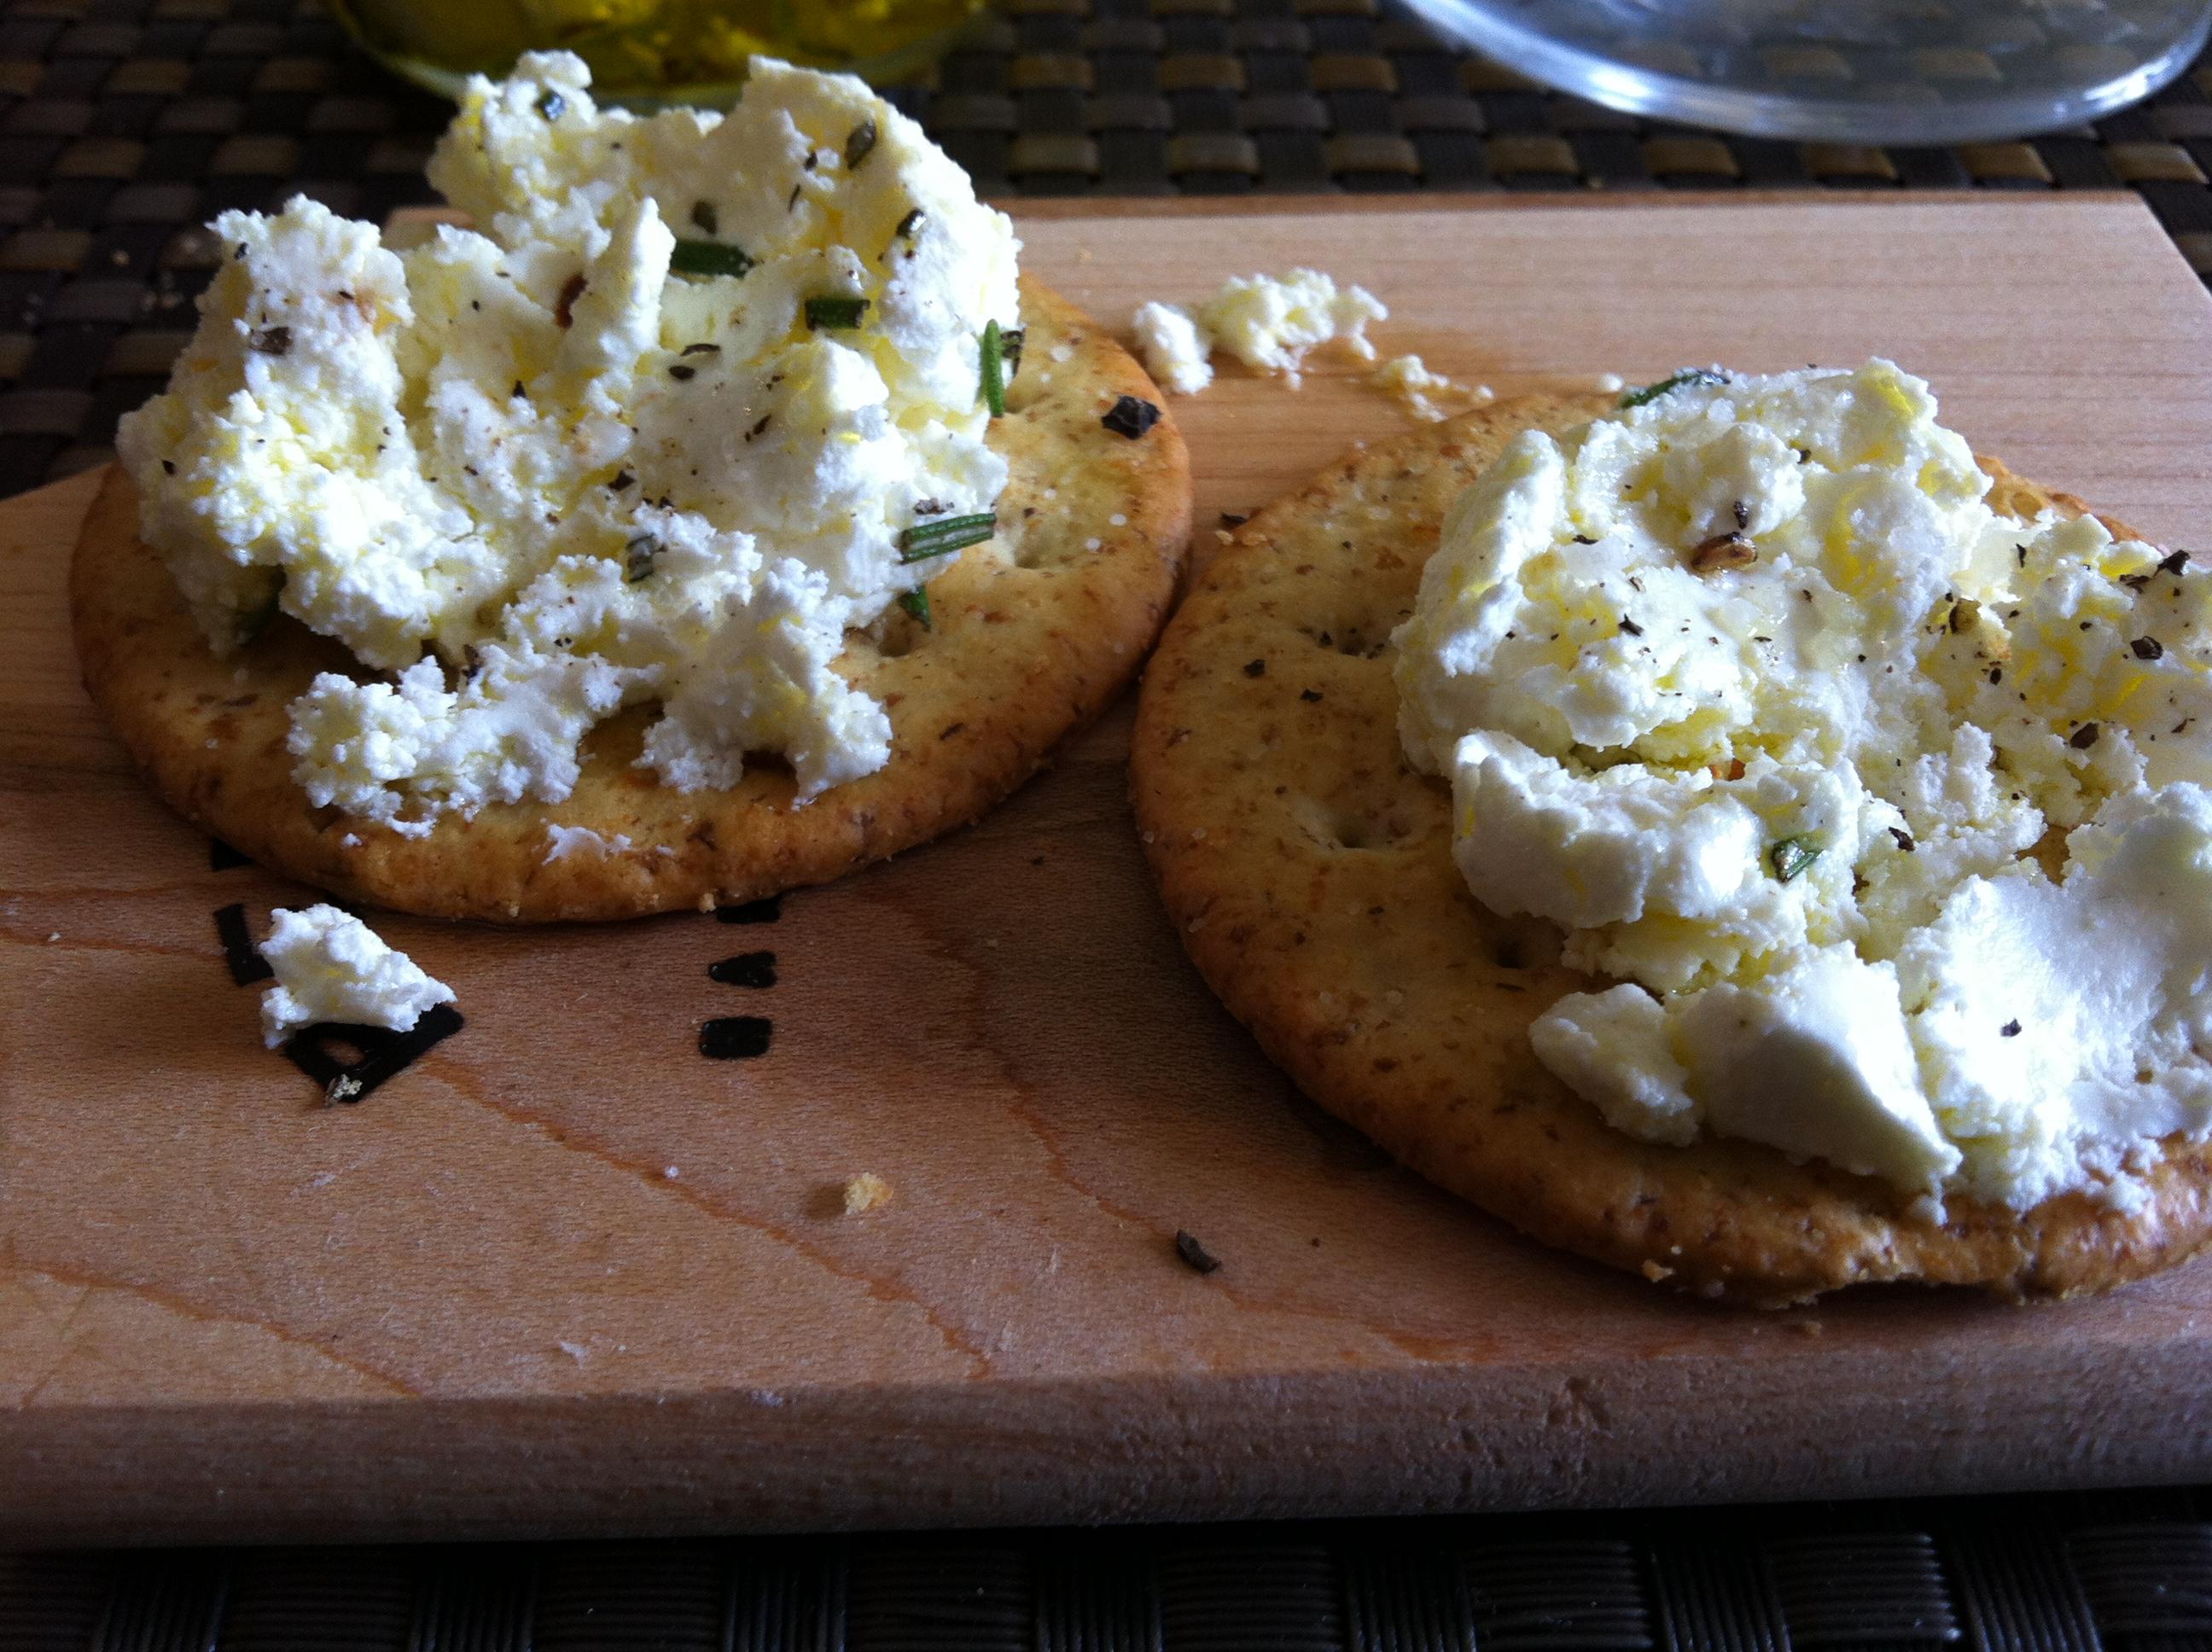 Cheese-making 101 – Irish Mike makes Homemade Cheese (Part 2 of 2)